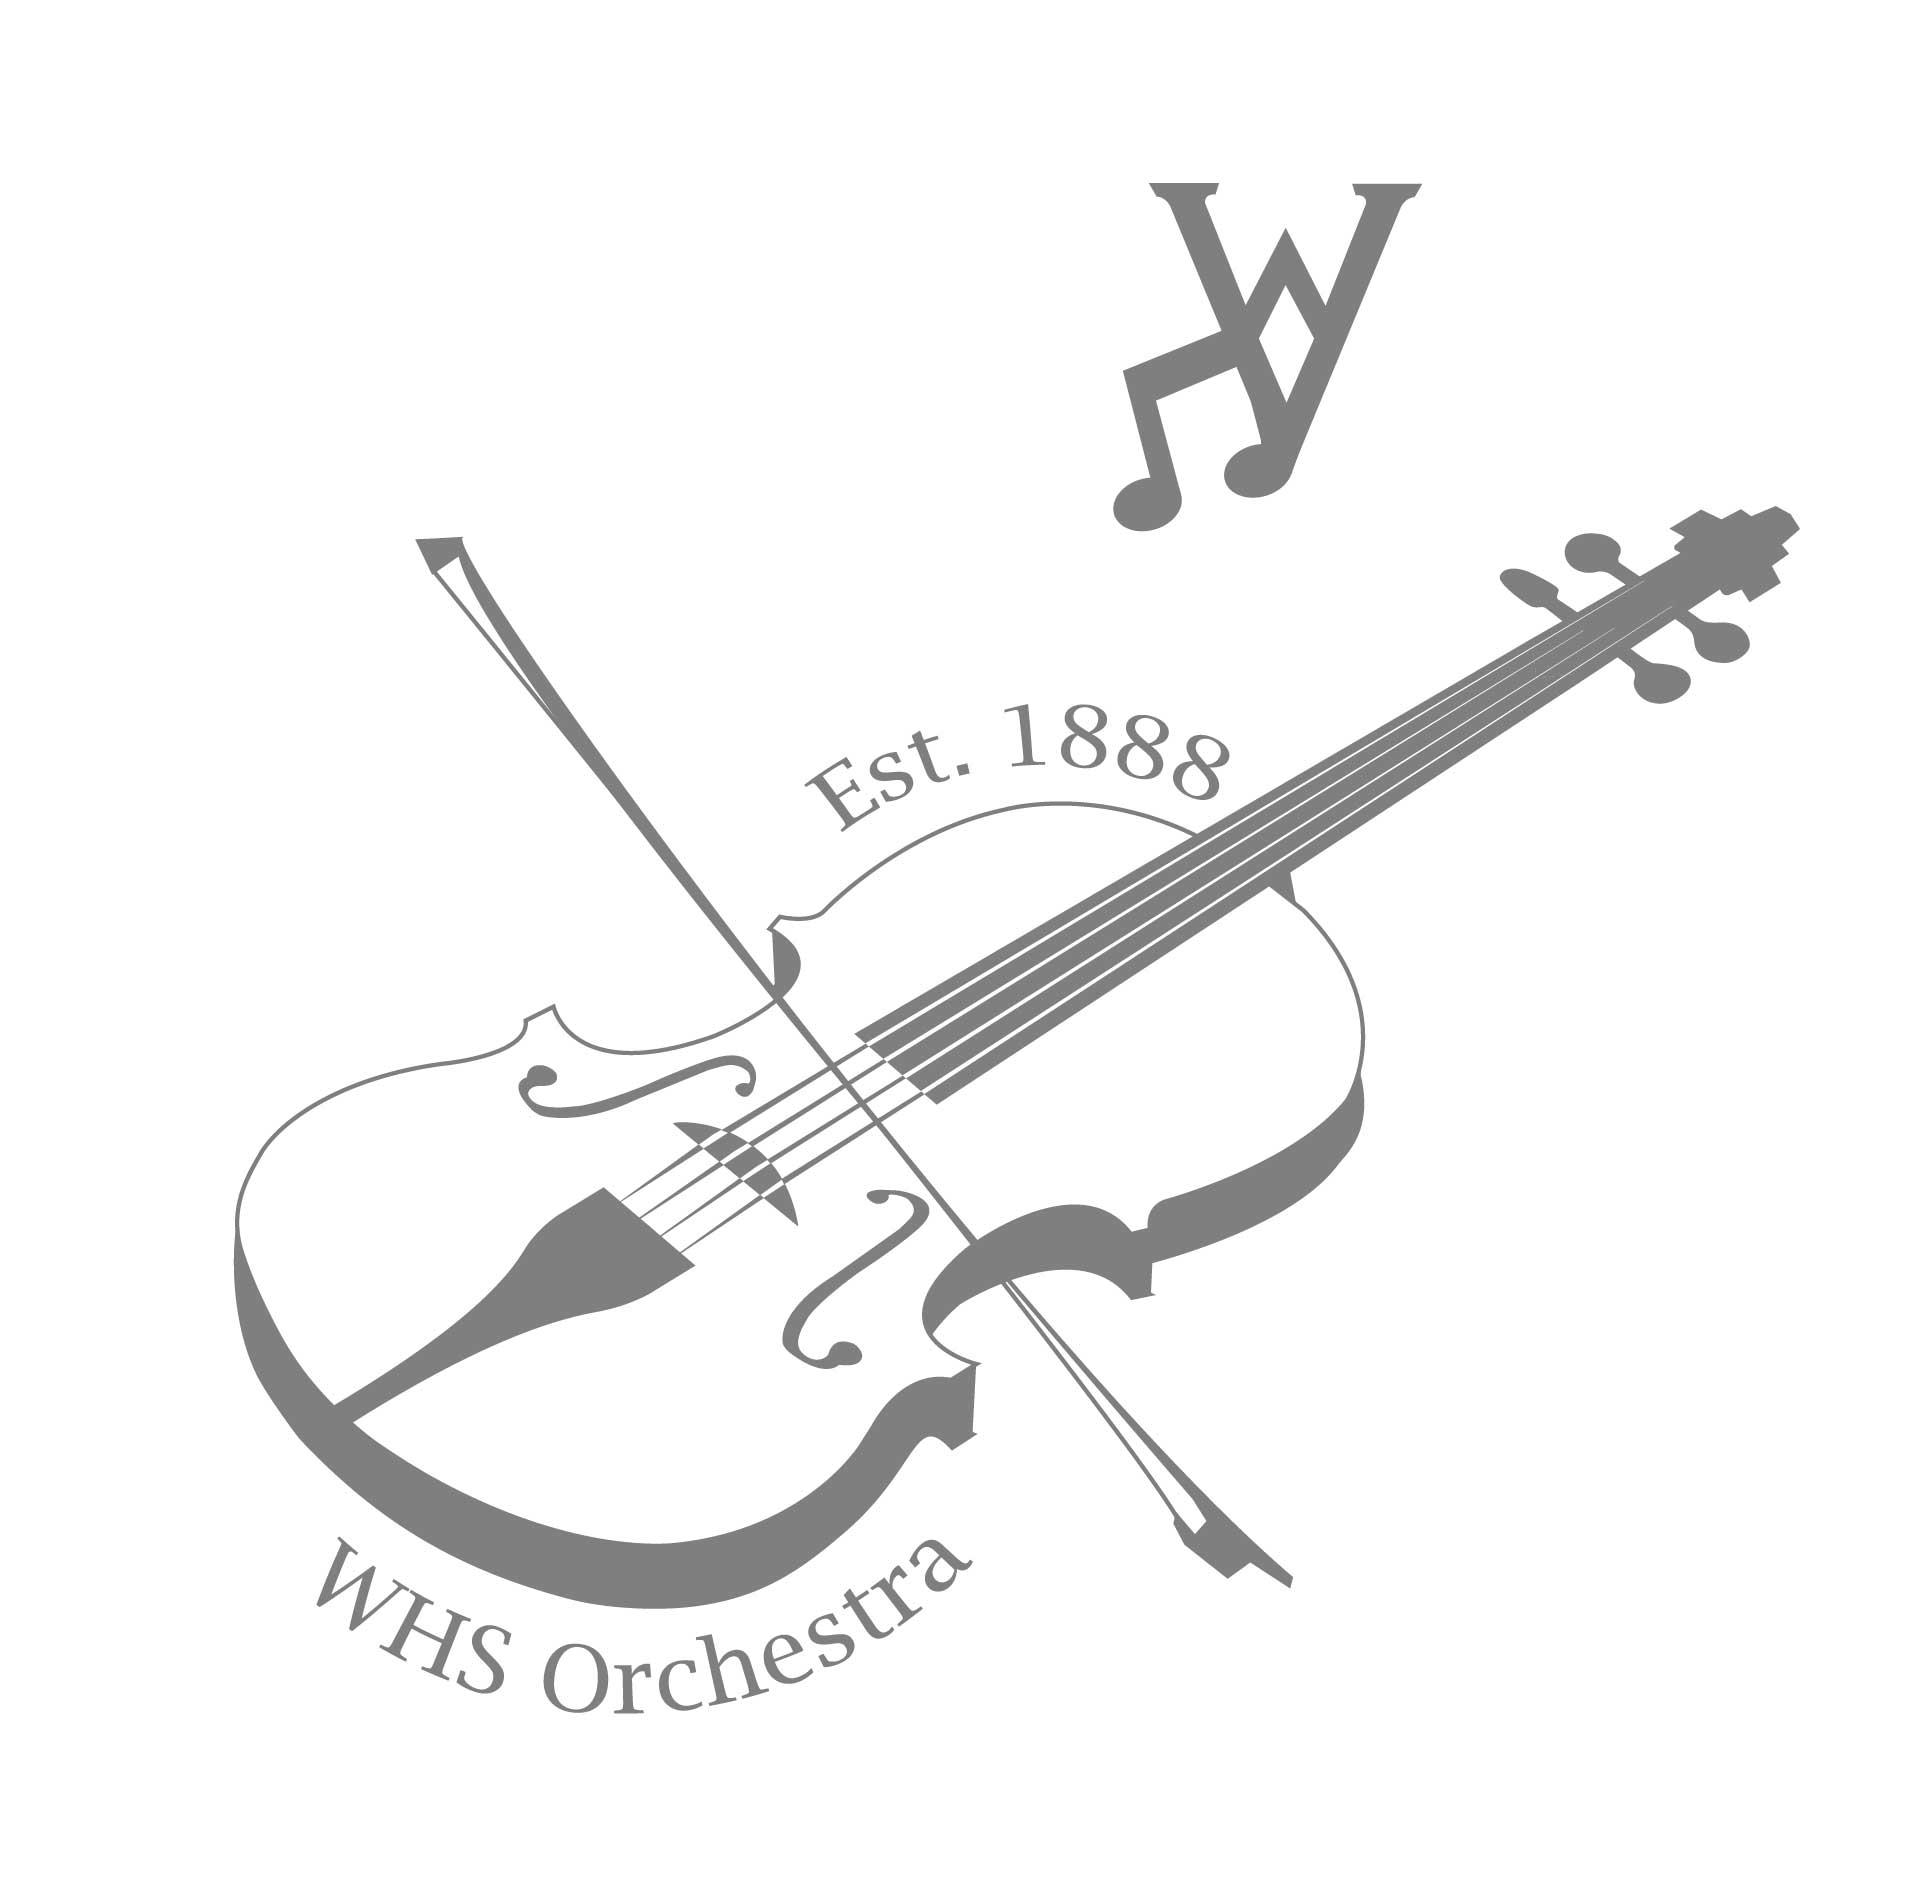 130th Orchestra Anniversary